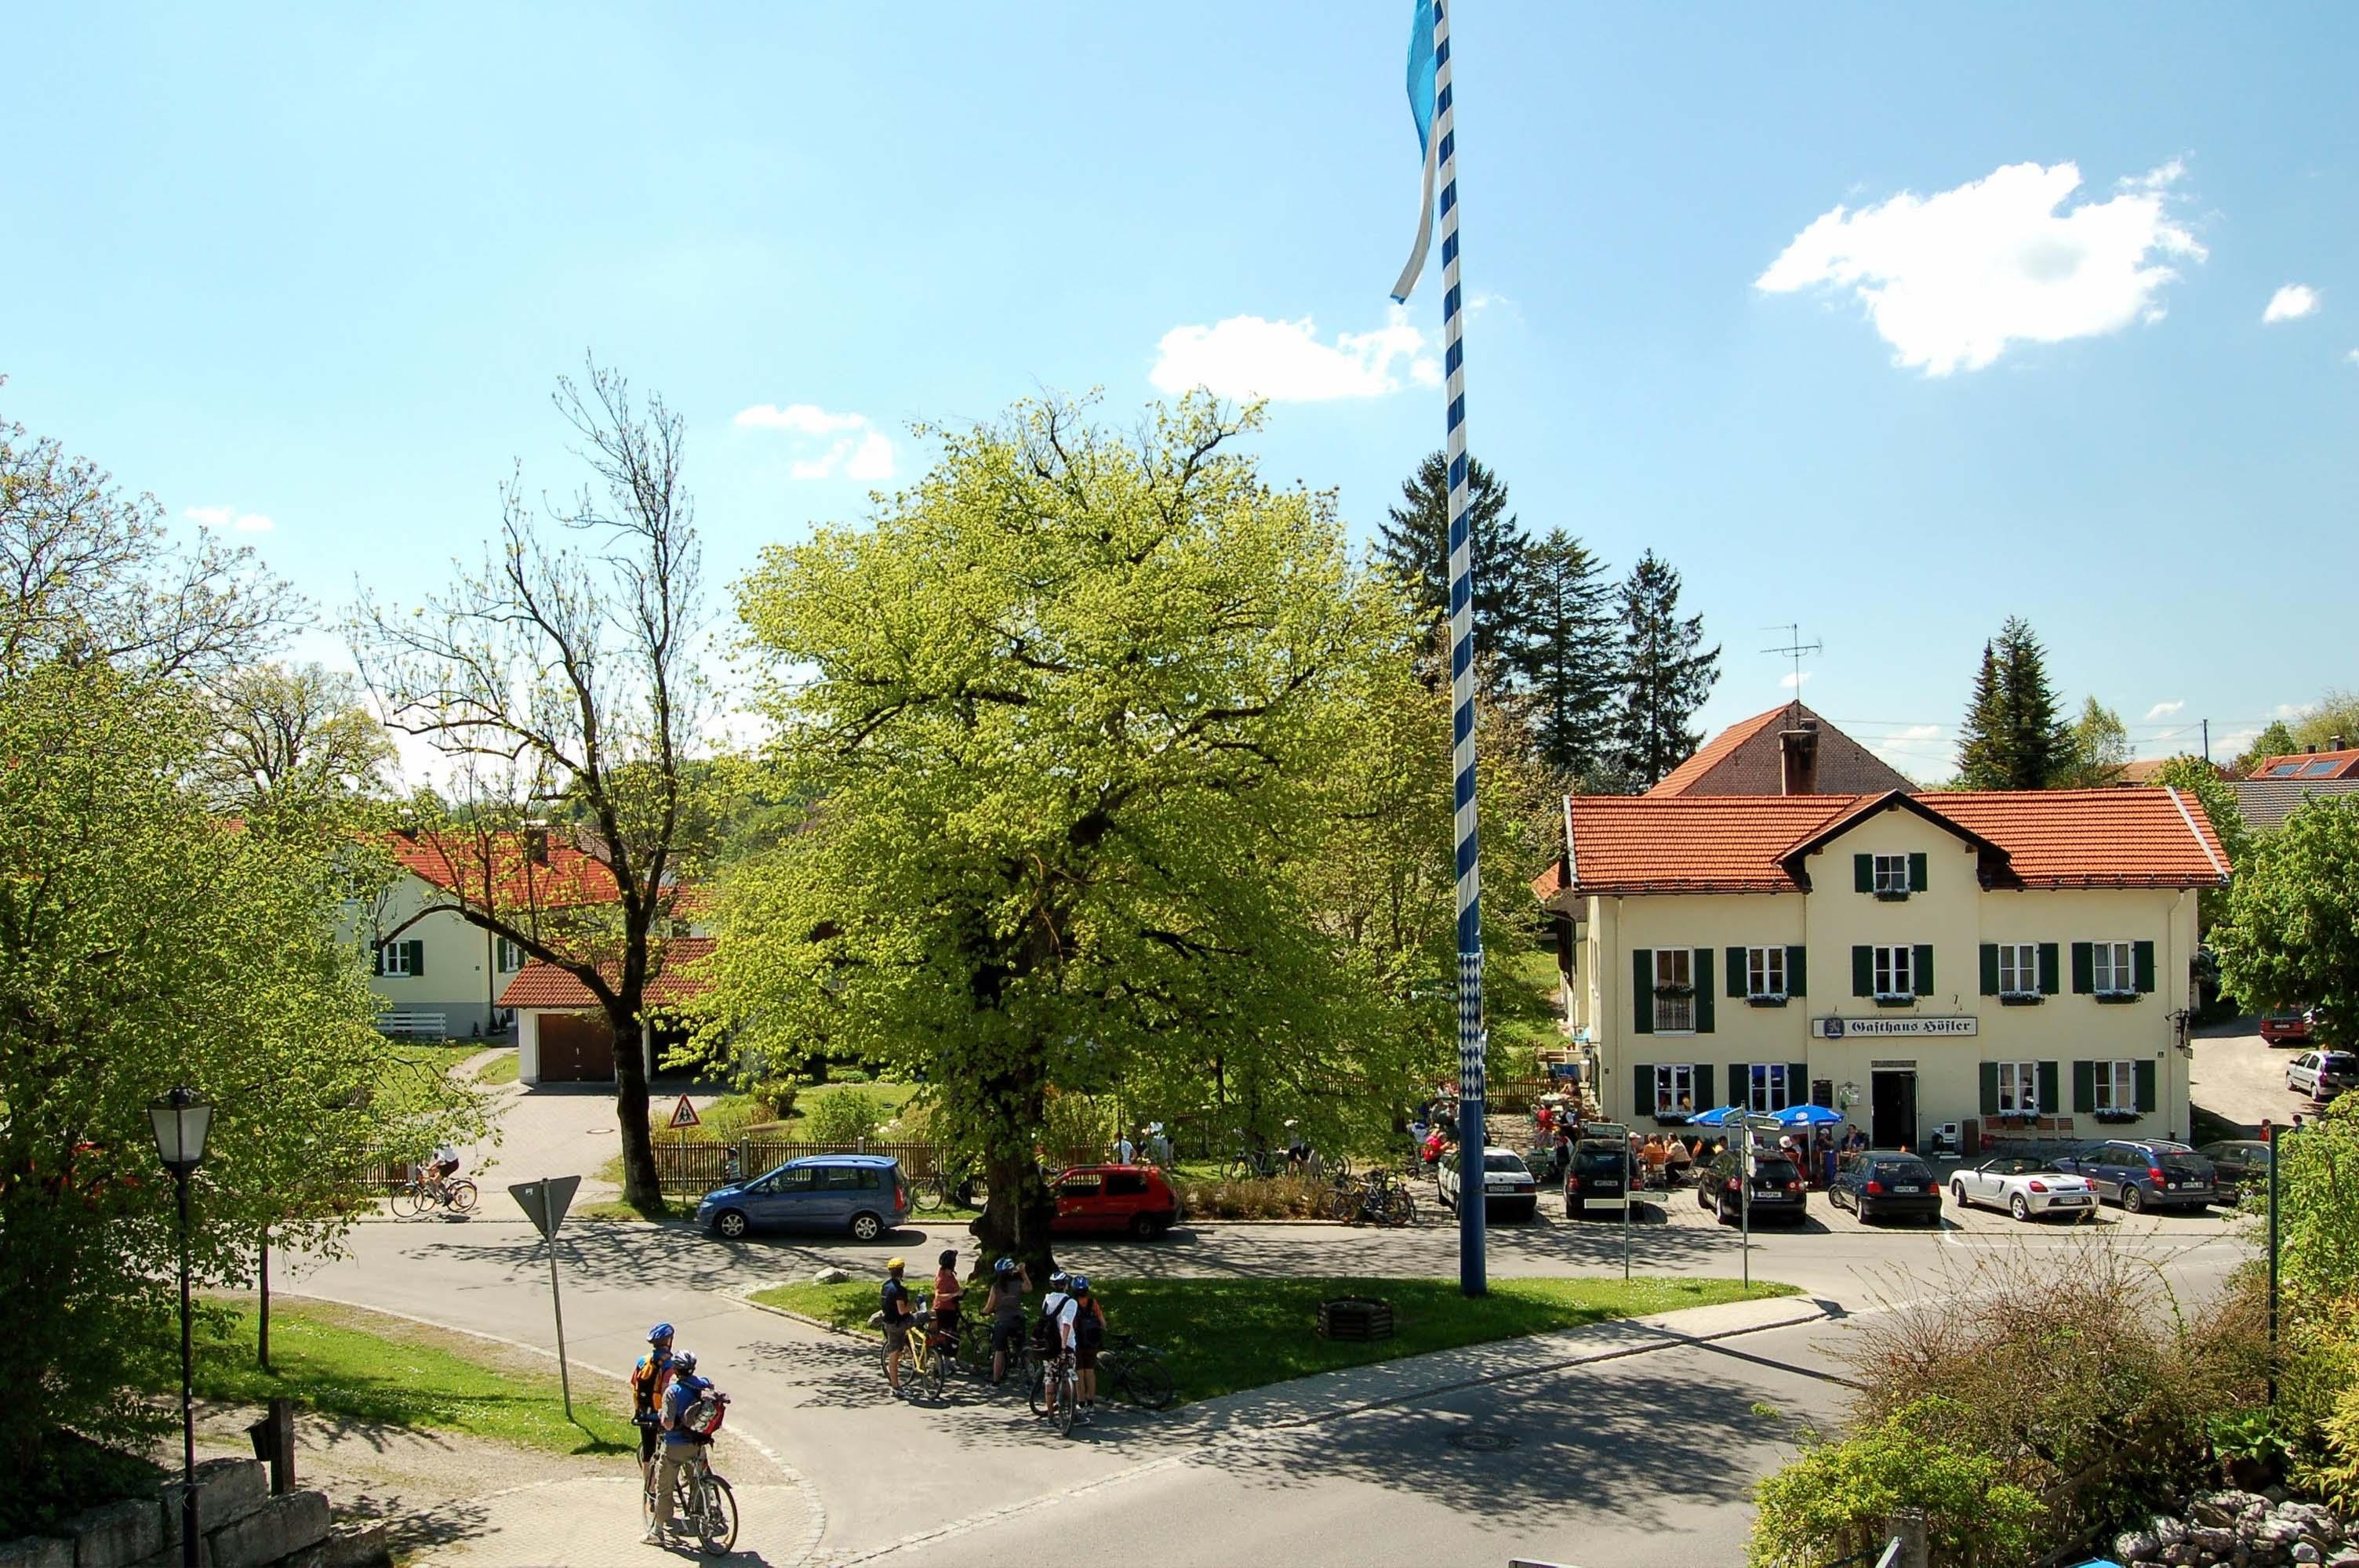 Unser Gasthaus bietet die ideale Einkehrmöglichkeit nach langen Radtouren und Wanderungen